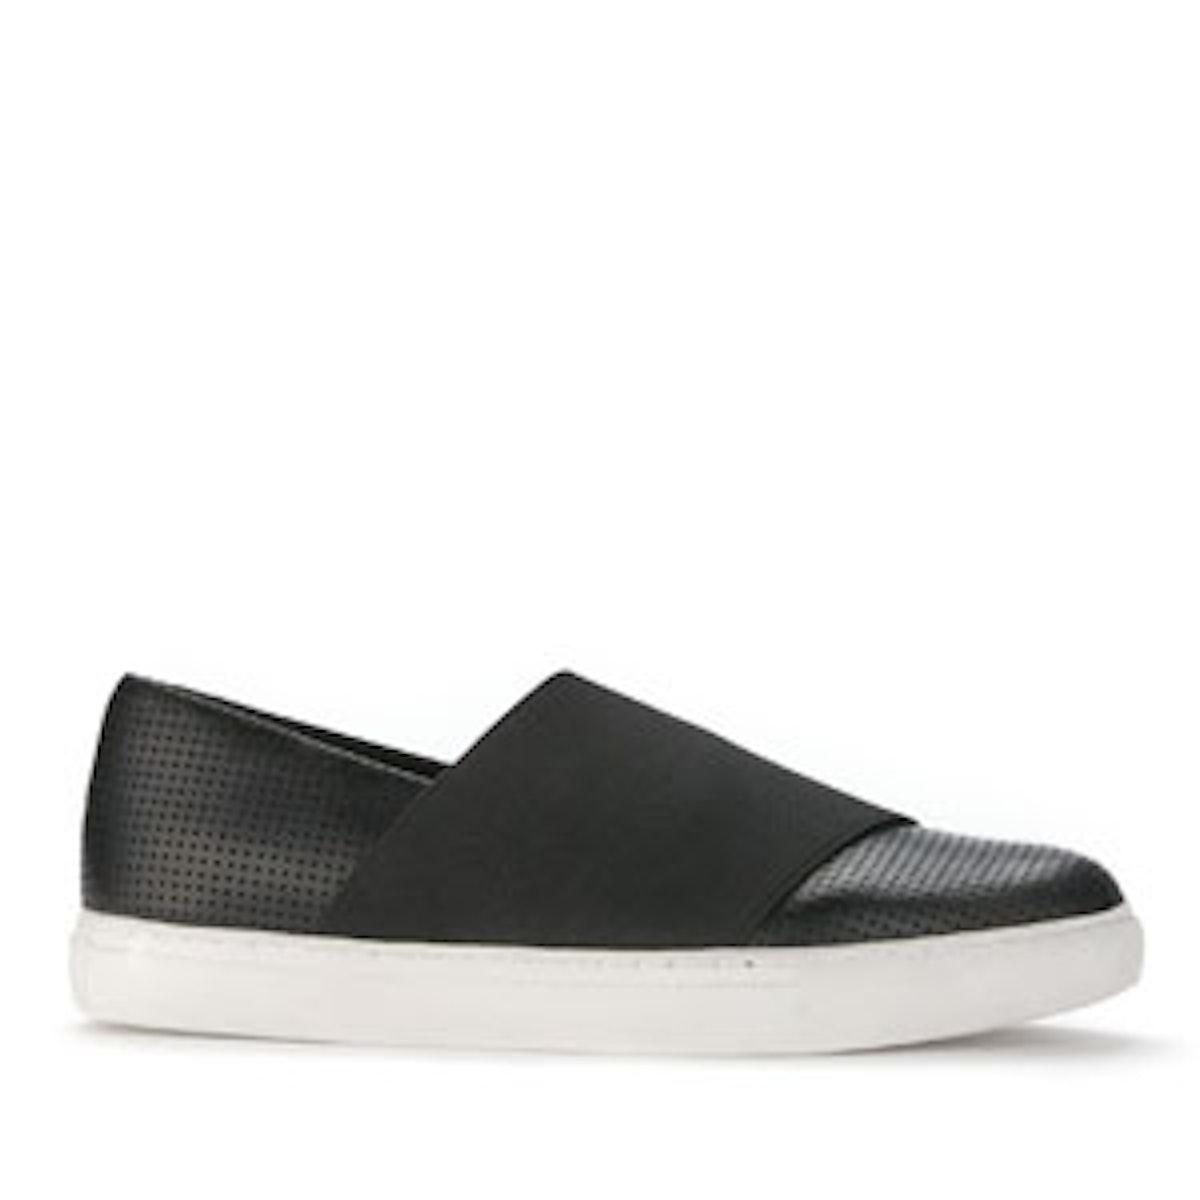 Kingliest Leather Low-Top Sneaker